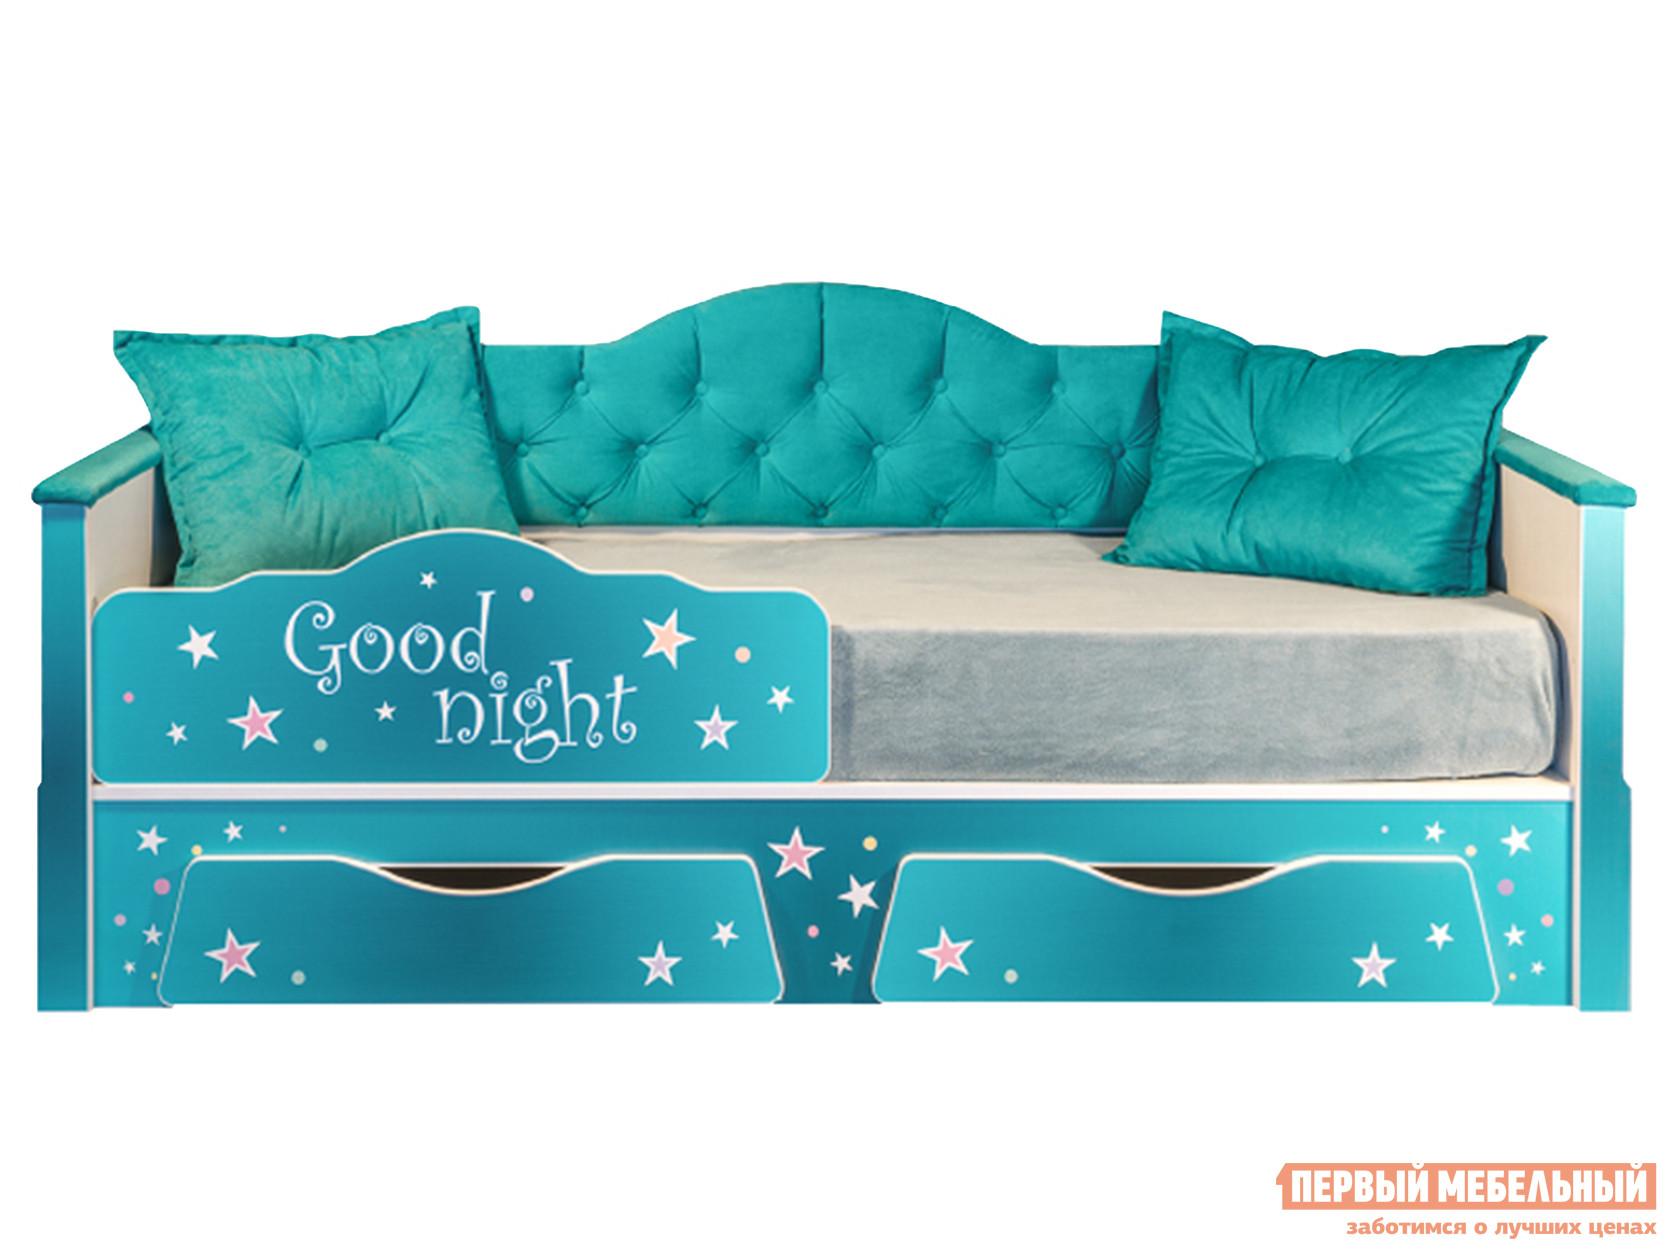 цена Детская кровать Первый Мебельный Кровать Ноктюрн, белый, берген азуре (бирюзовый) онлайн в 2017 году